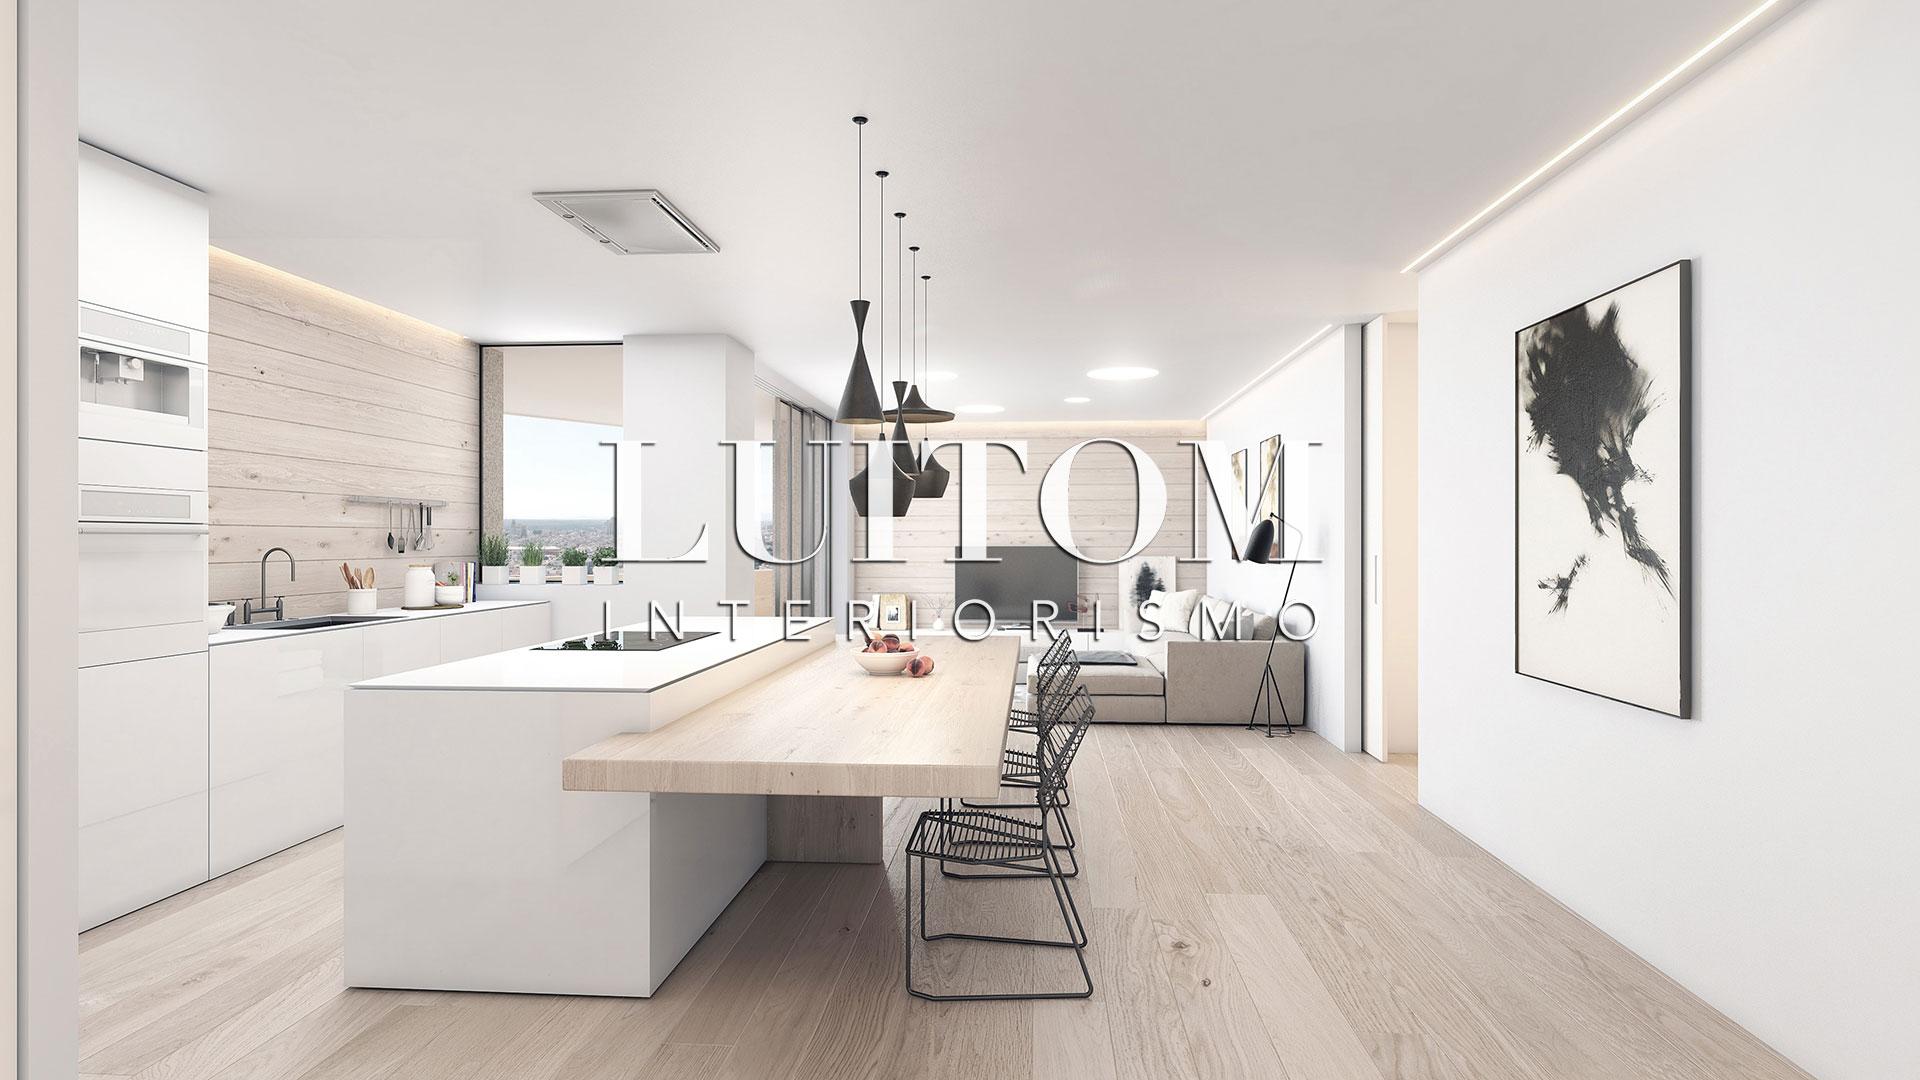 luitom-interiorismo-ideas-proyectos-reformas-casas-modernas-lujo-interioristas-madrid-decoracion-interior-home-design-00